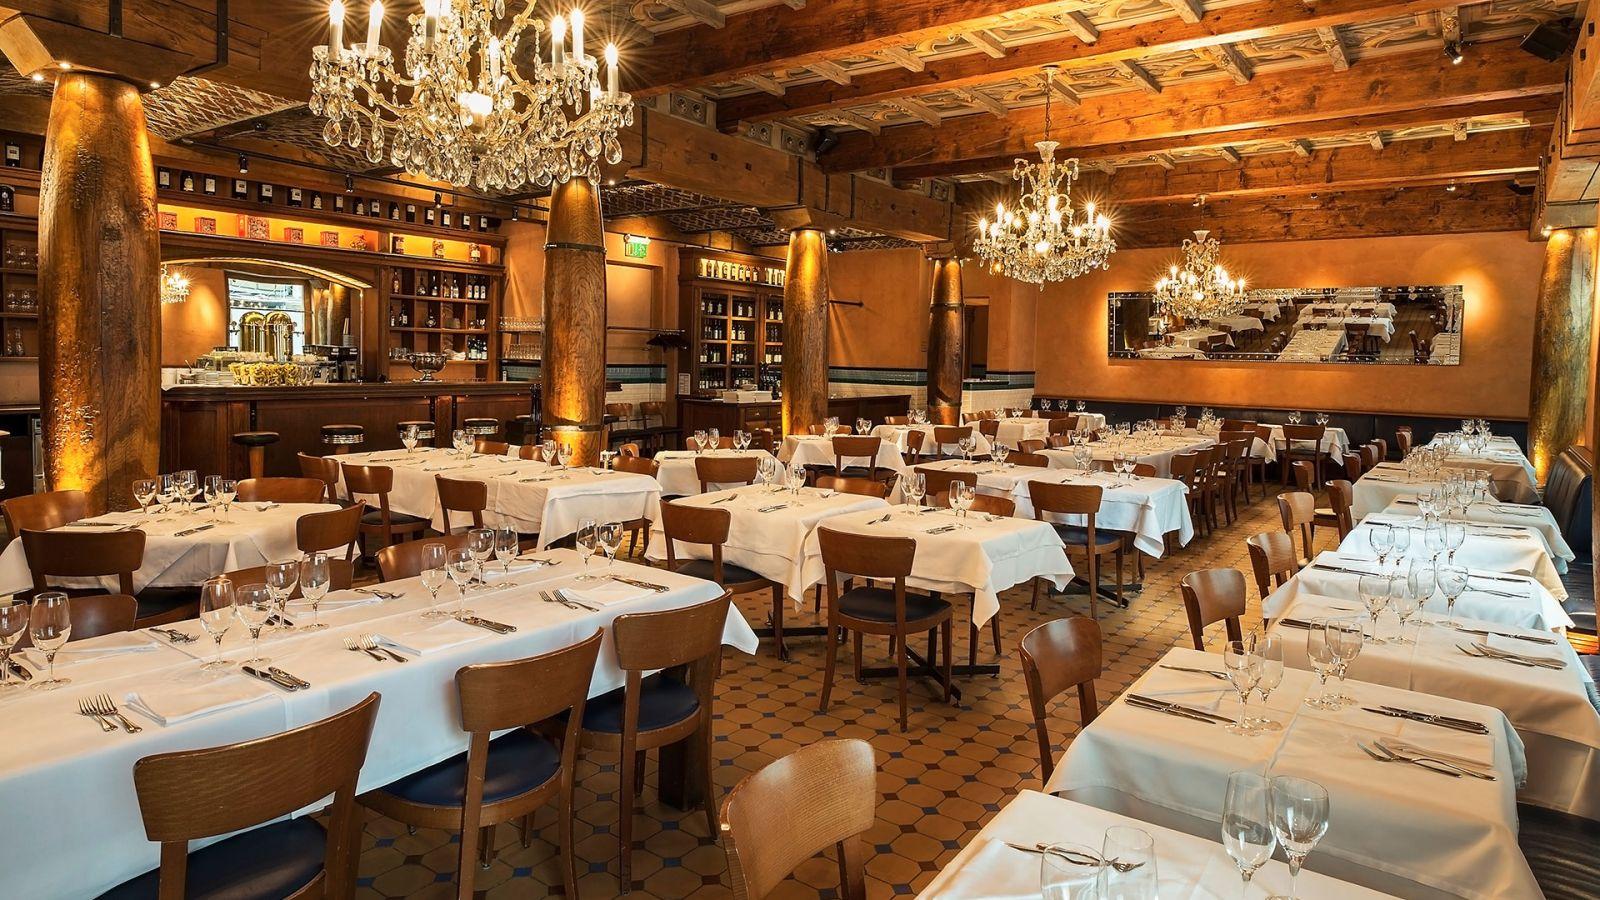 Restaurant La Cucina Luzern